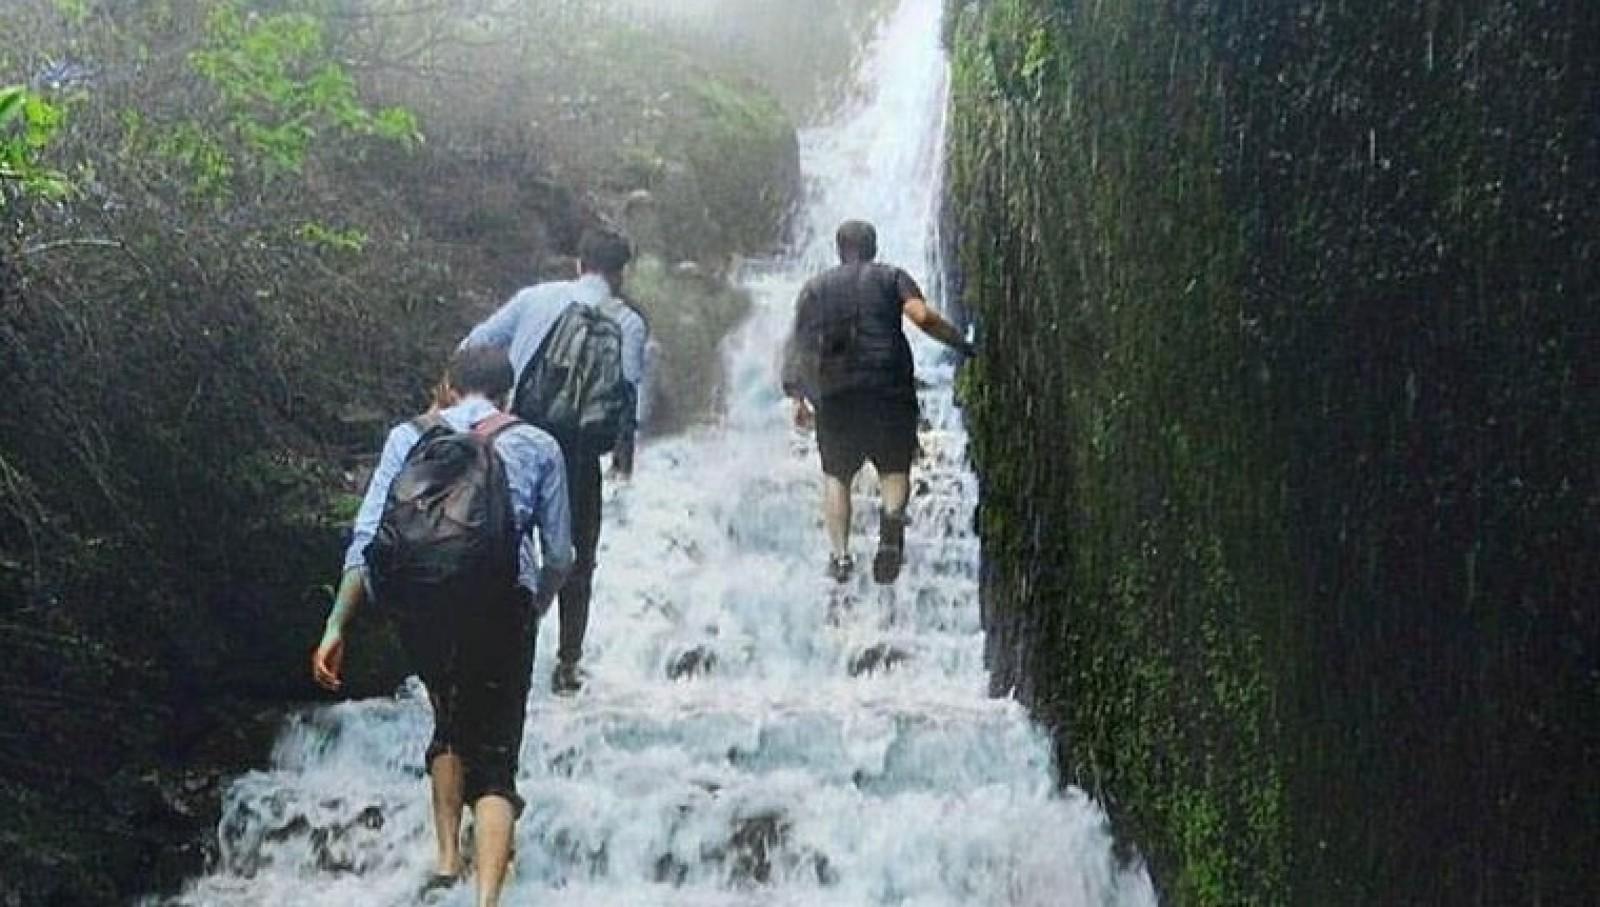 Visapur Fort Lonavala Mumbai Pune Trekking The Great Next